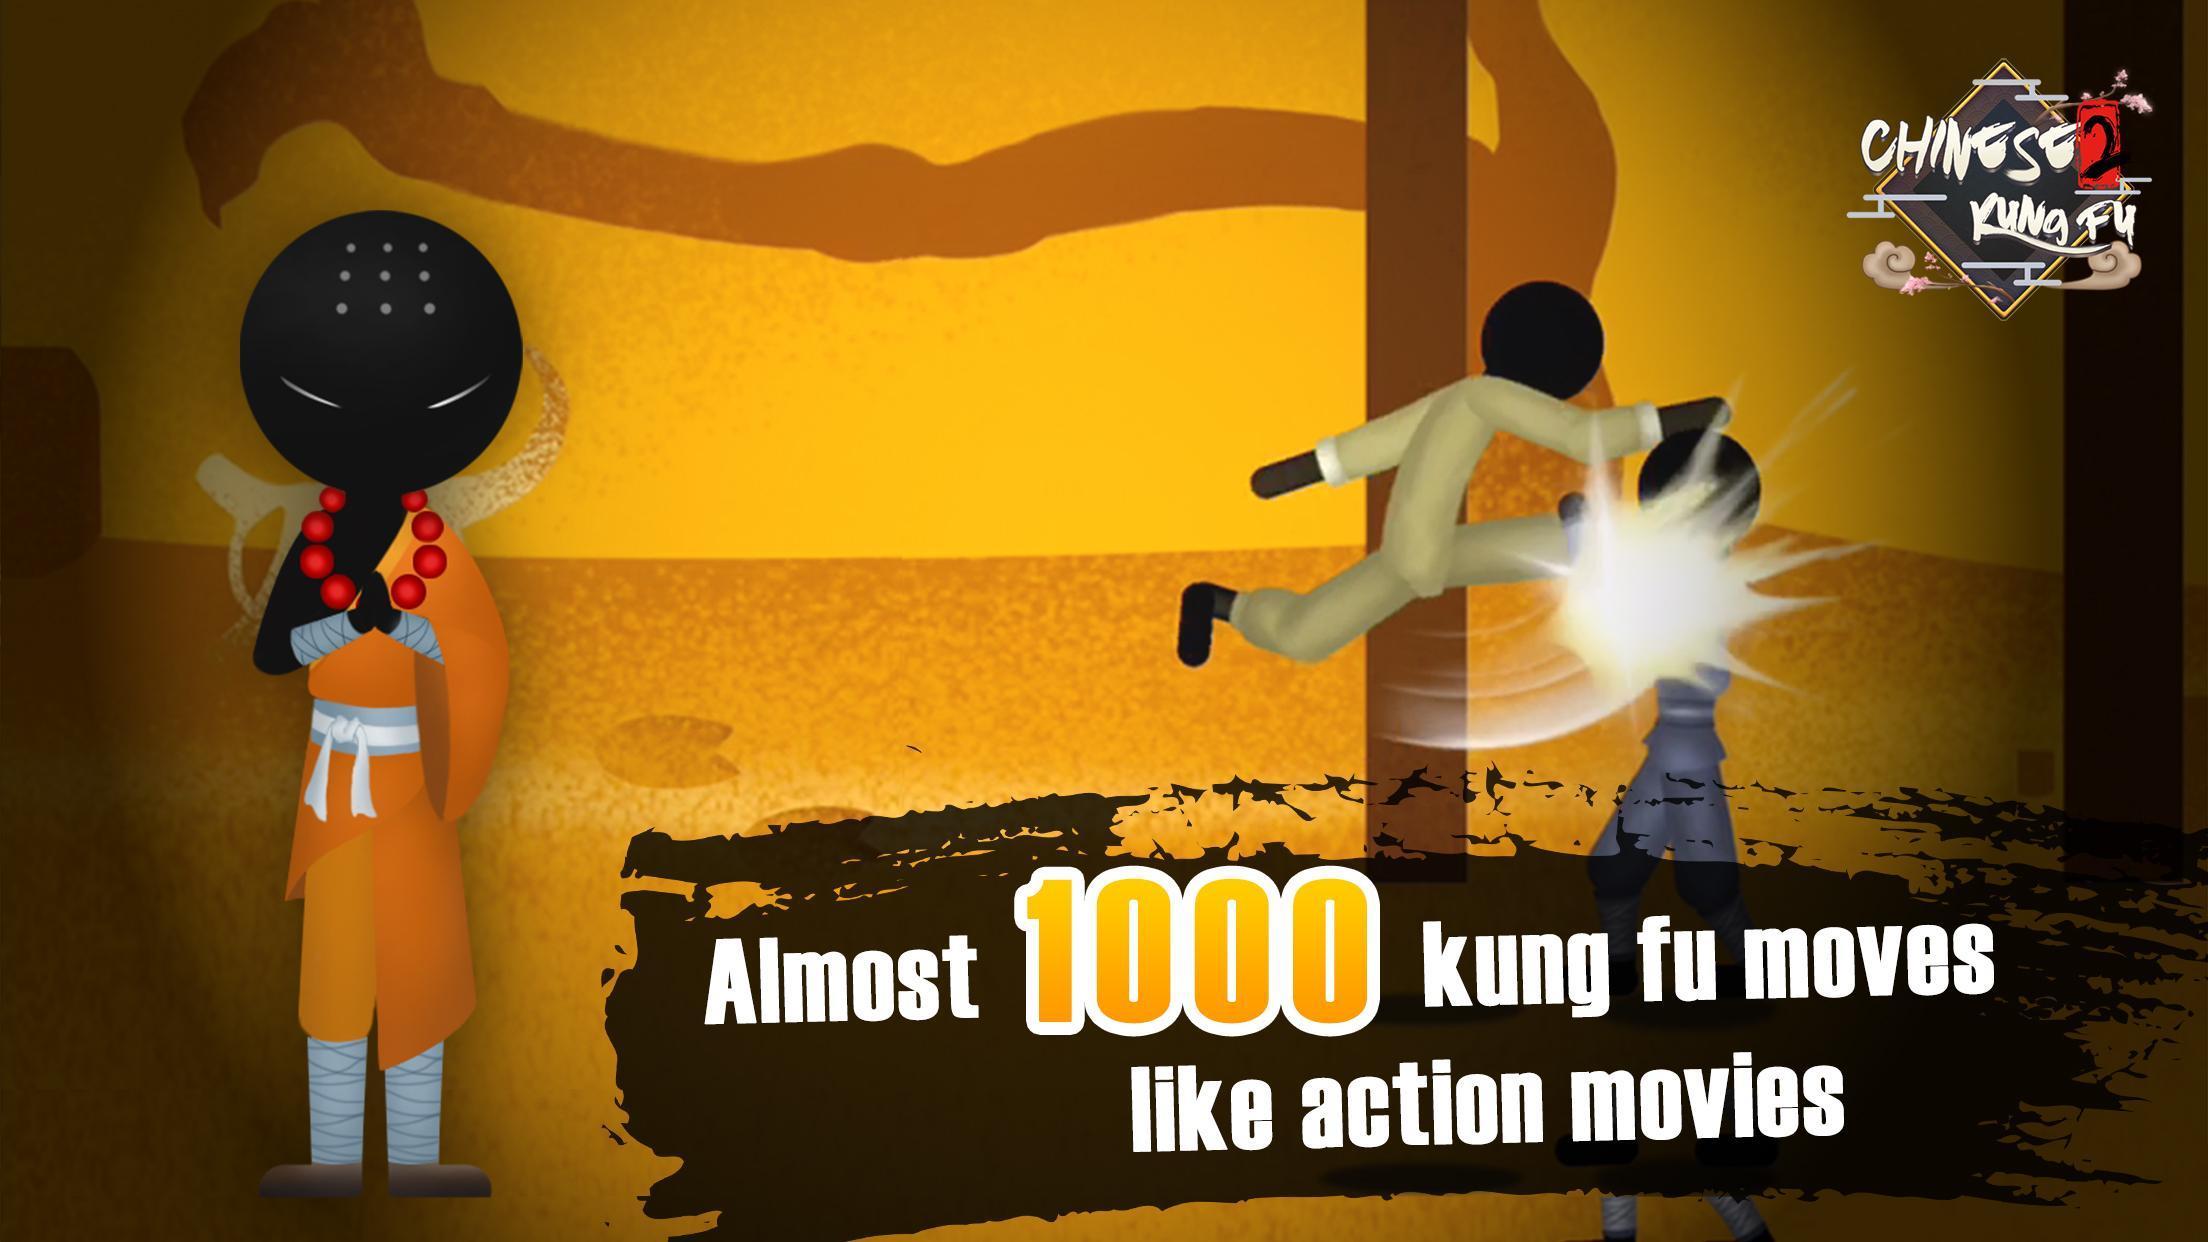 Chinese Kungfu 3.2.1 Screenshot 3